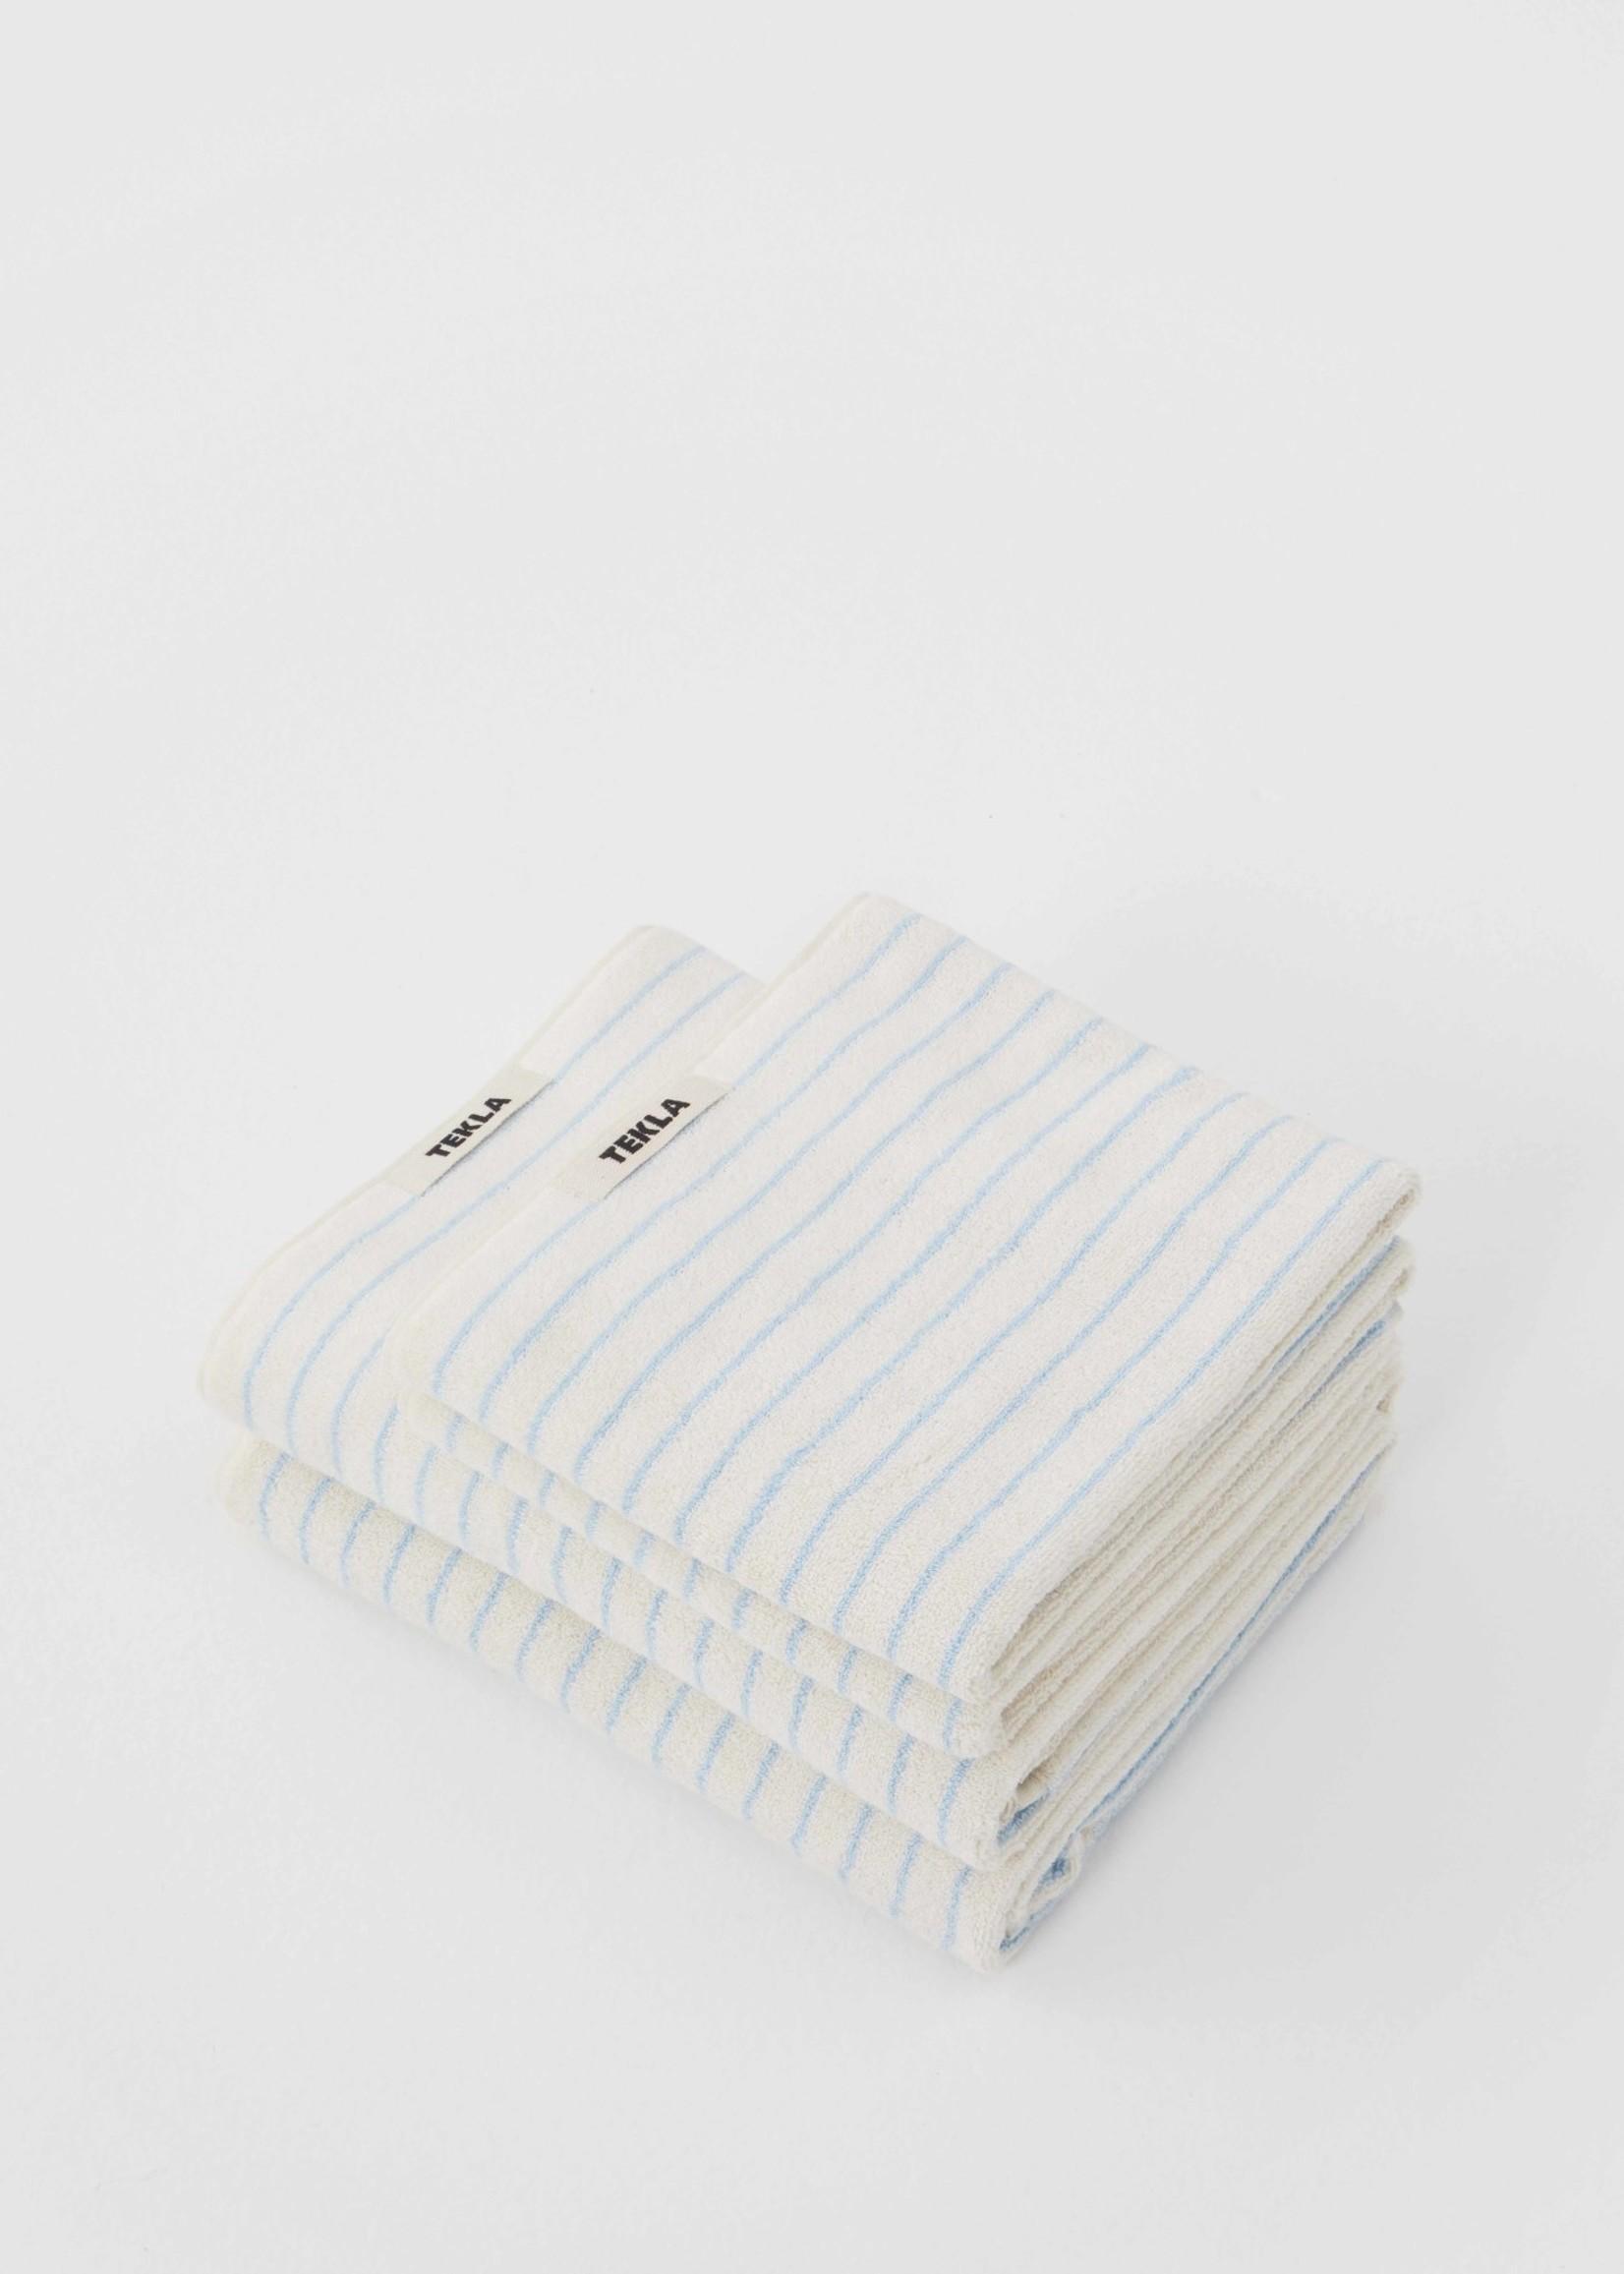 TEKLA Organic Hand Towel in Baby Blue Stripe